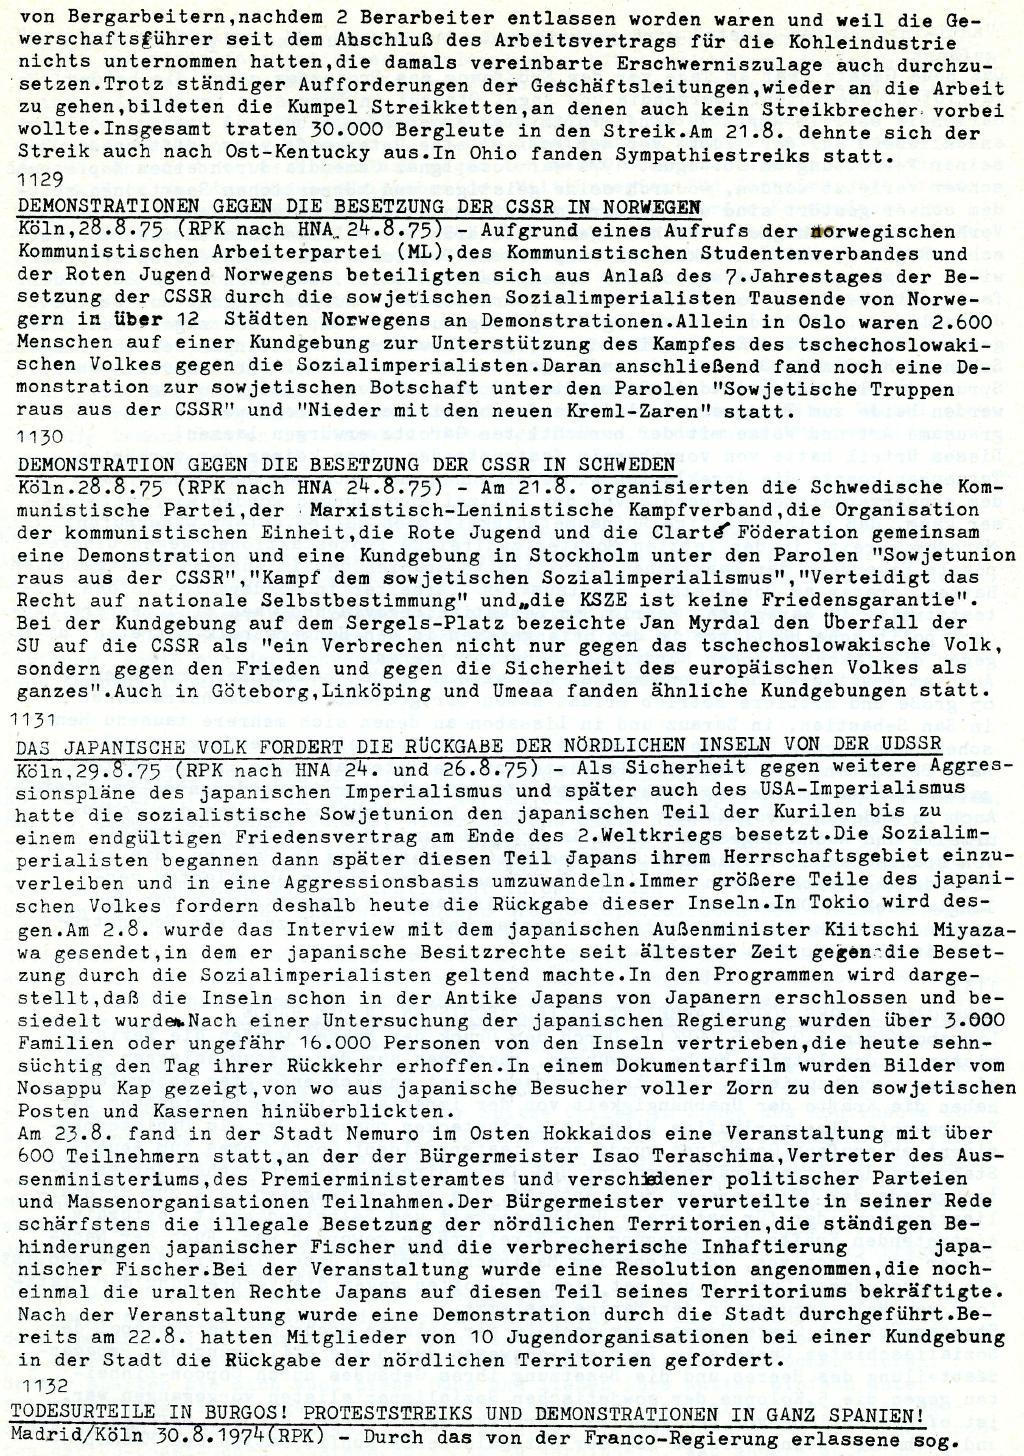 RPK_Pressedienst_1975_41_05